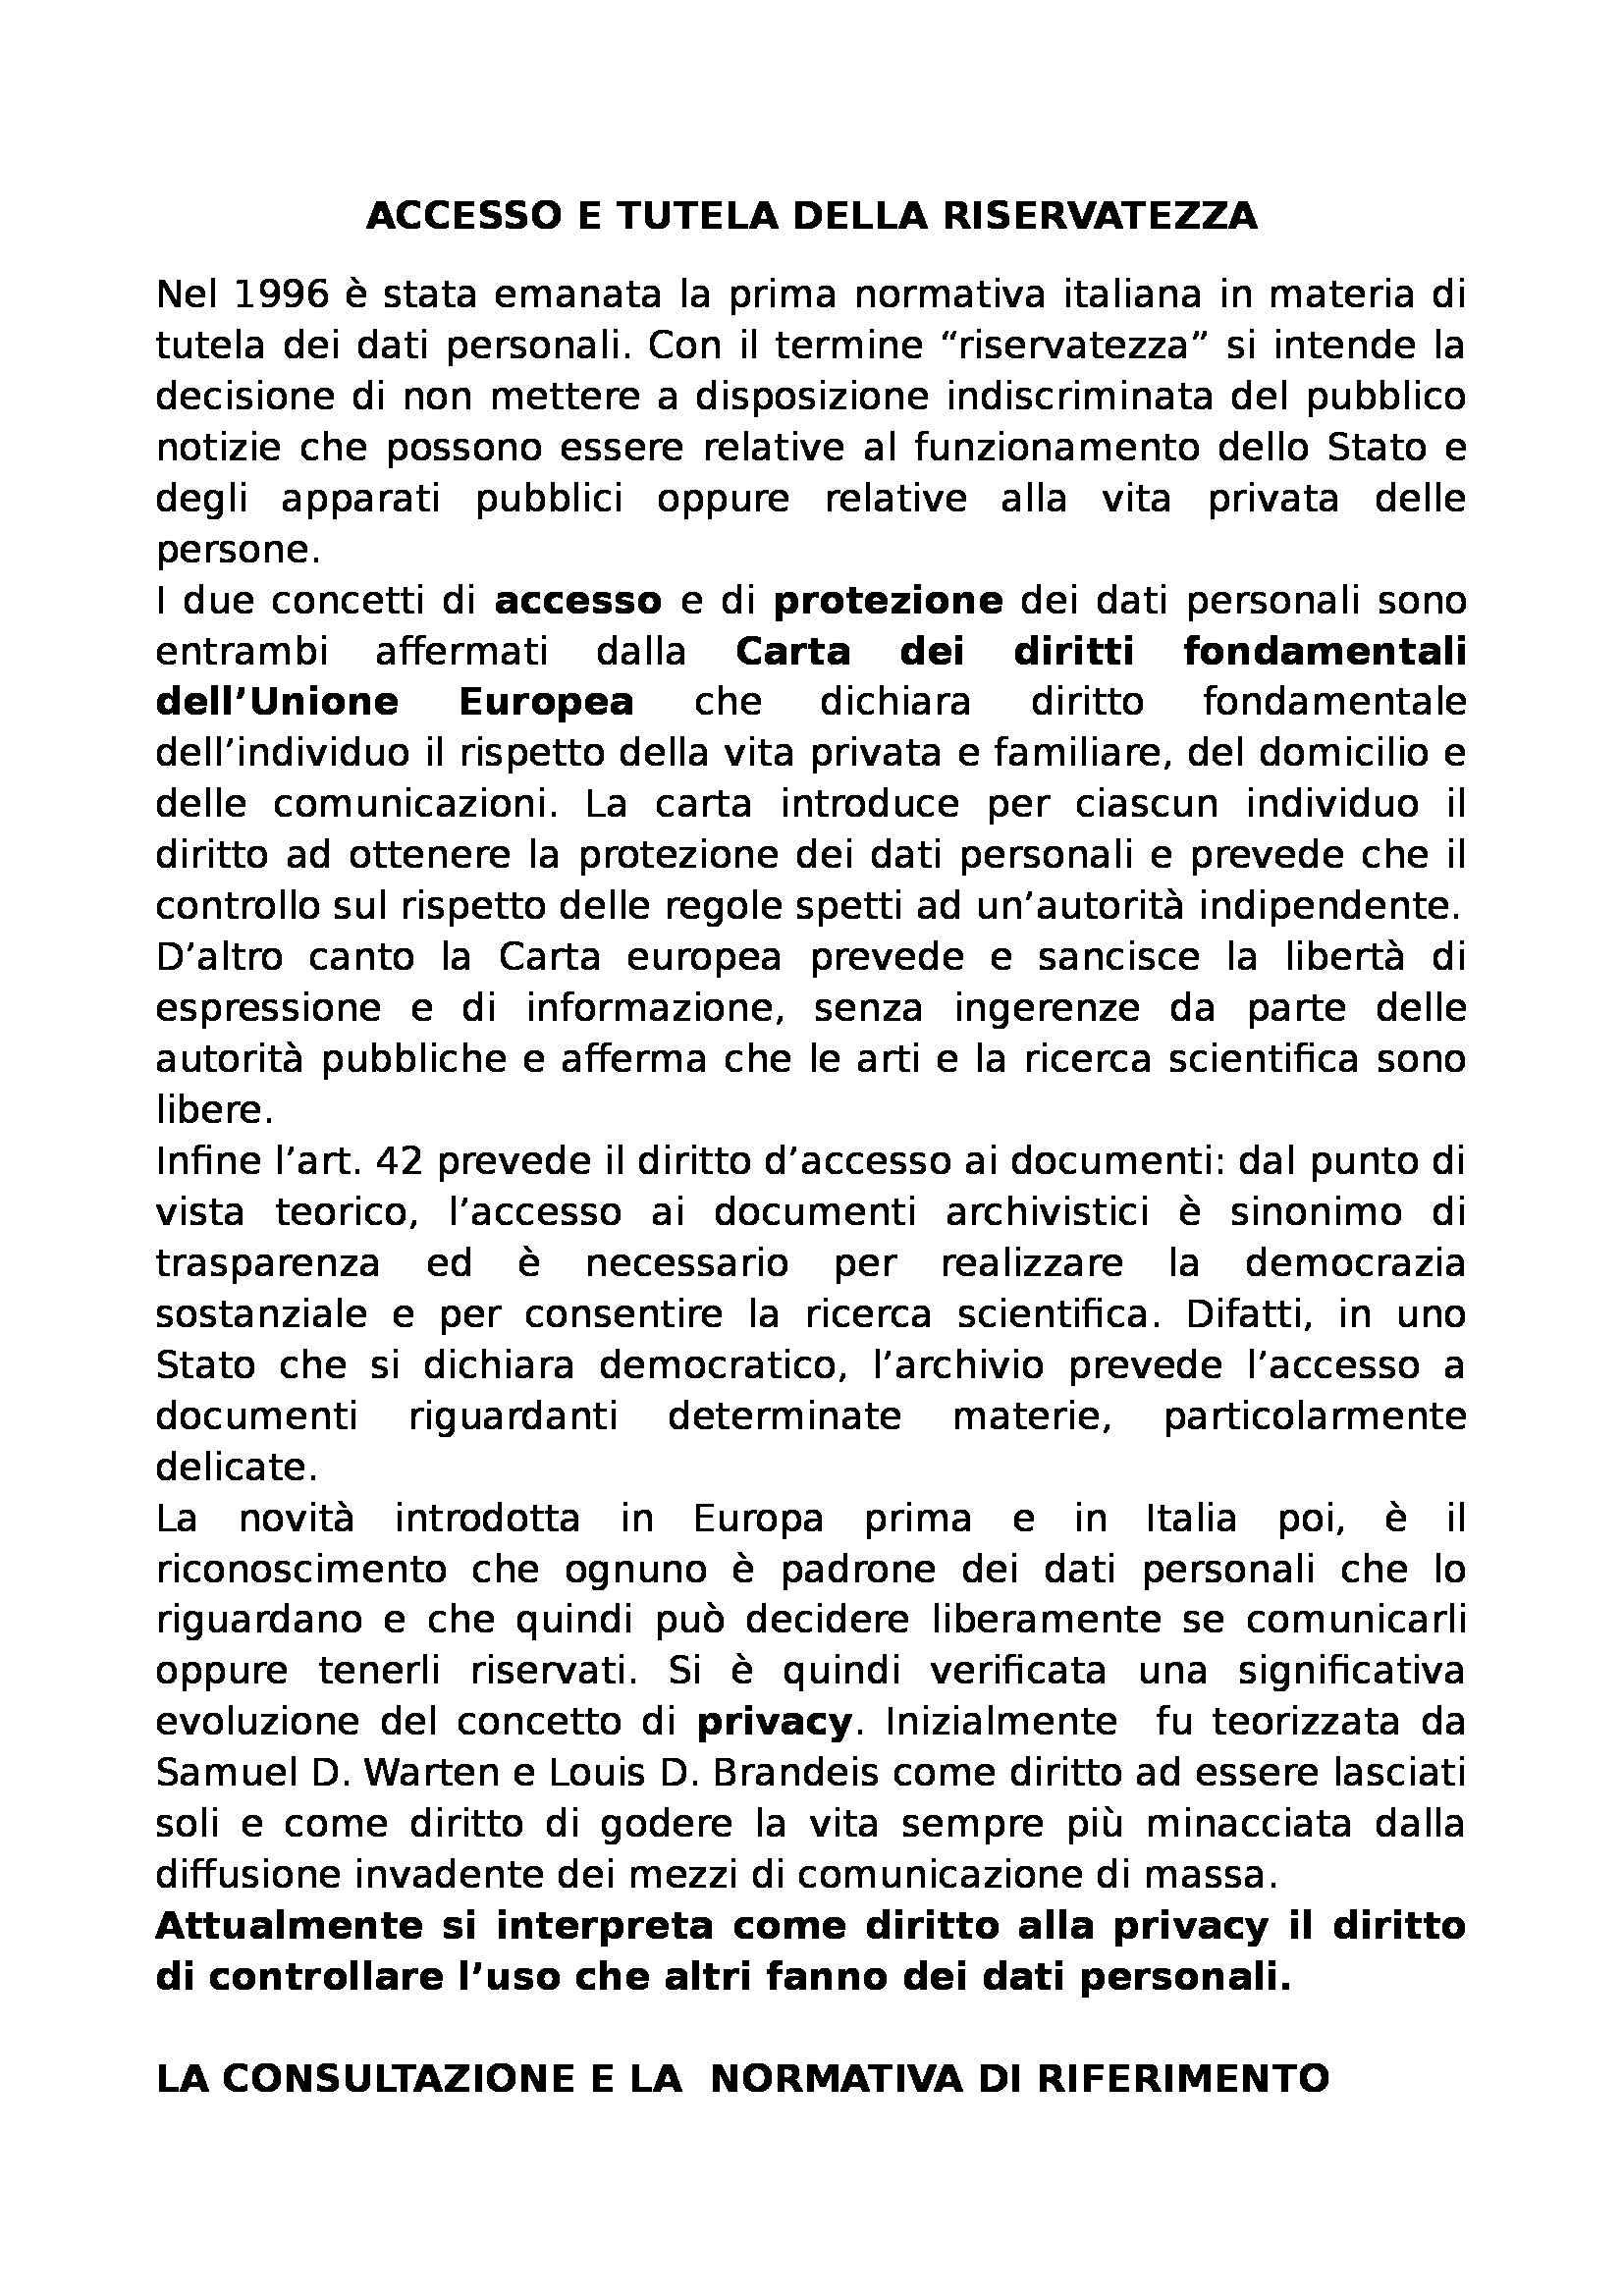 Archivistica - dispense riassunte, prof. Giambastiani